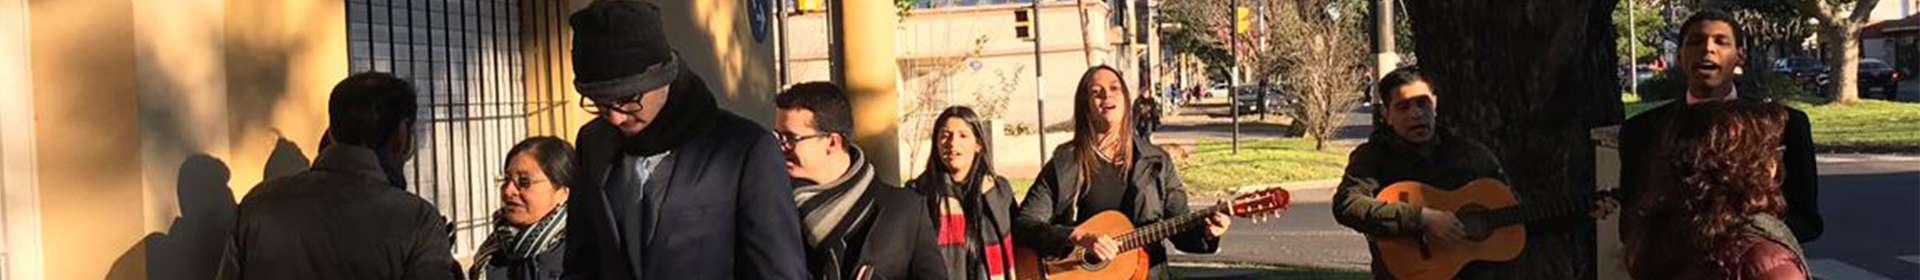 Igrejas Cristã Maranata na Argentina se dedicam à evangelização